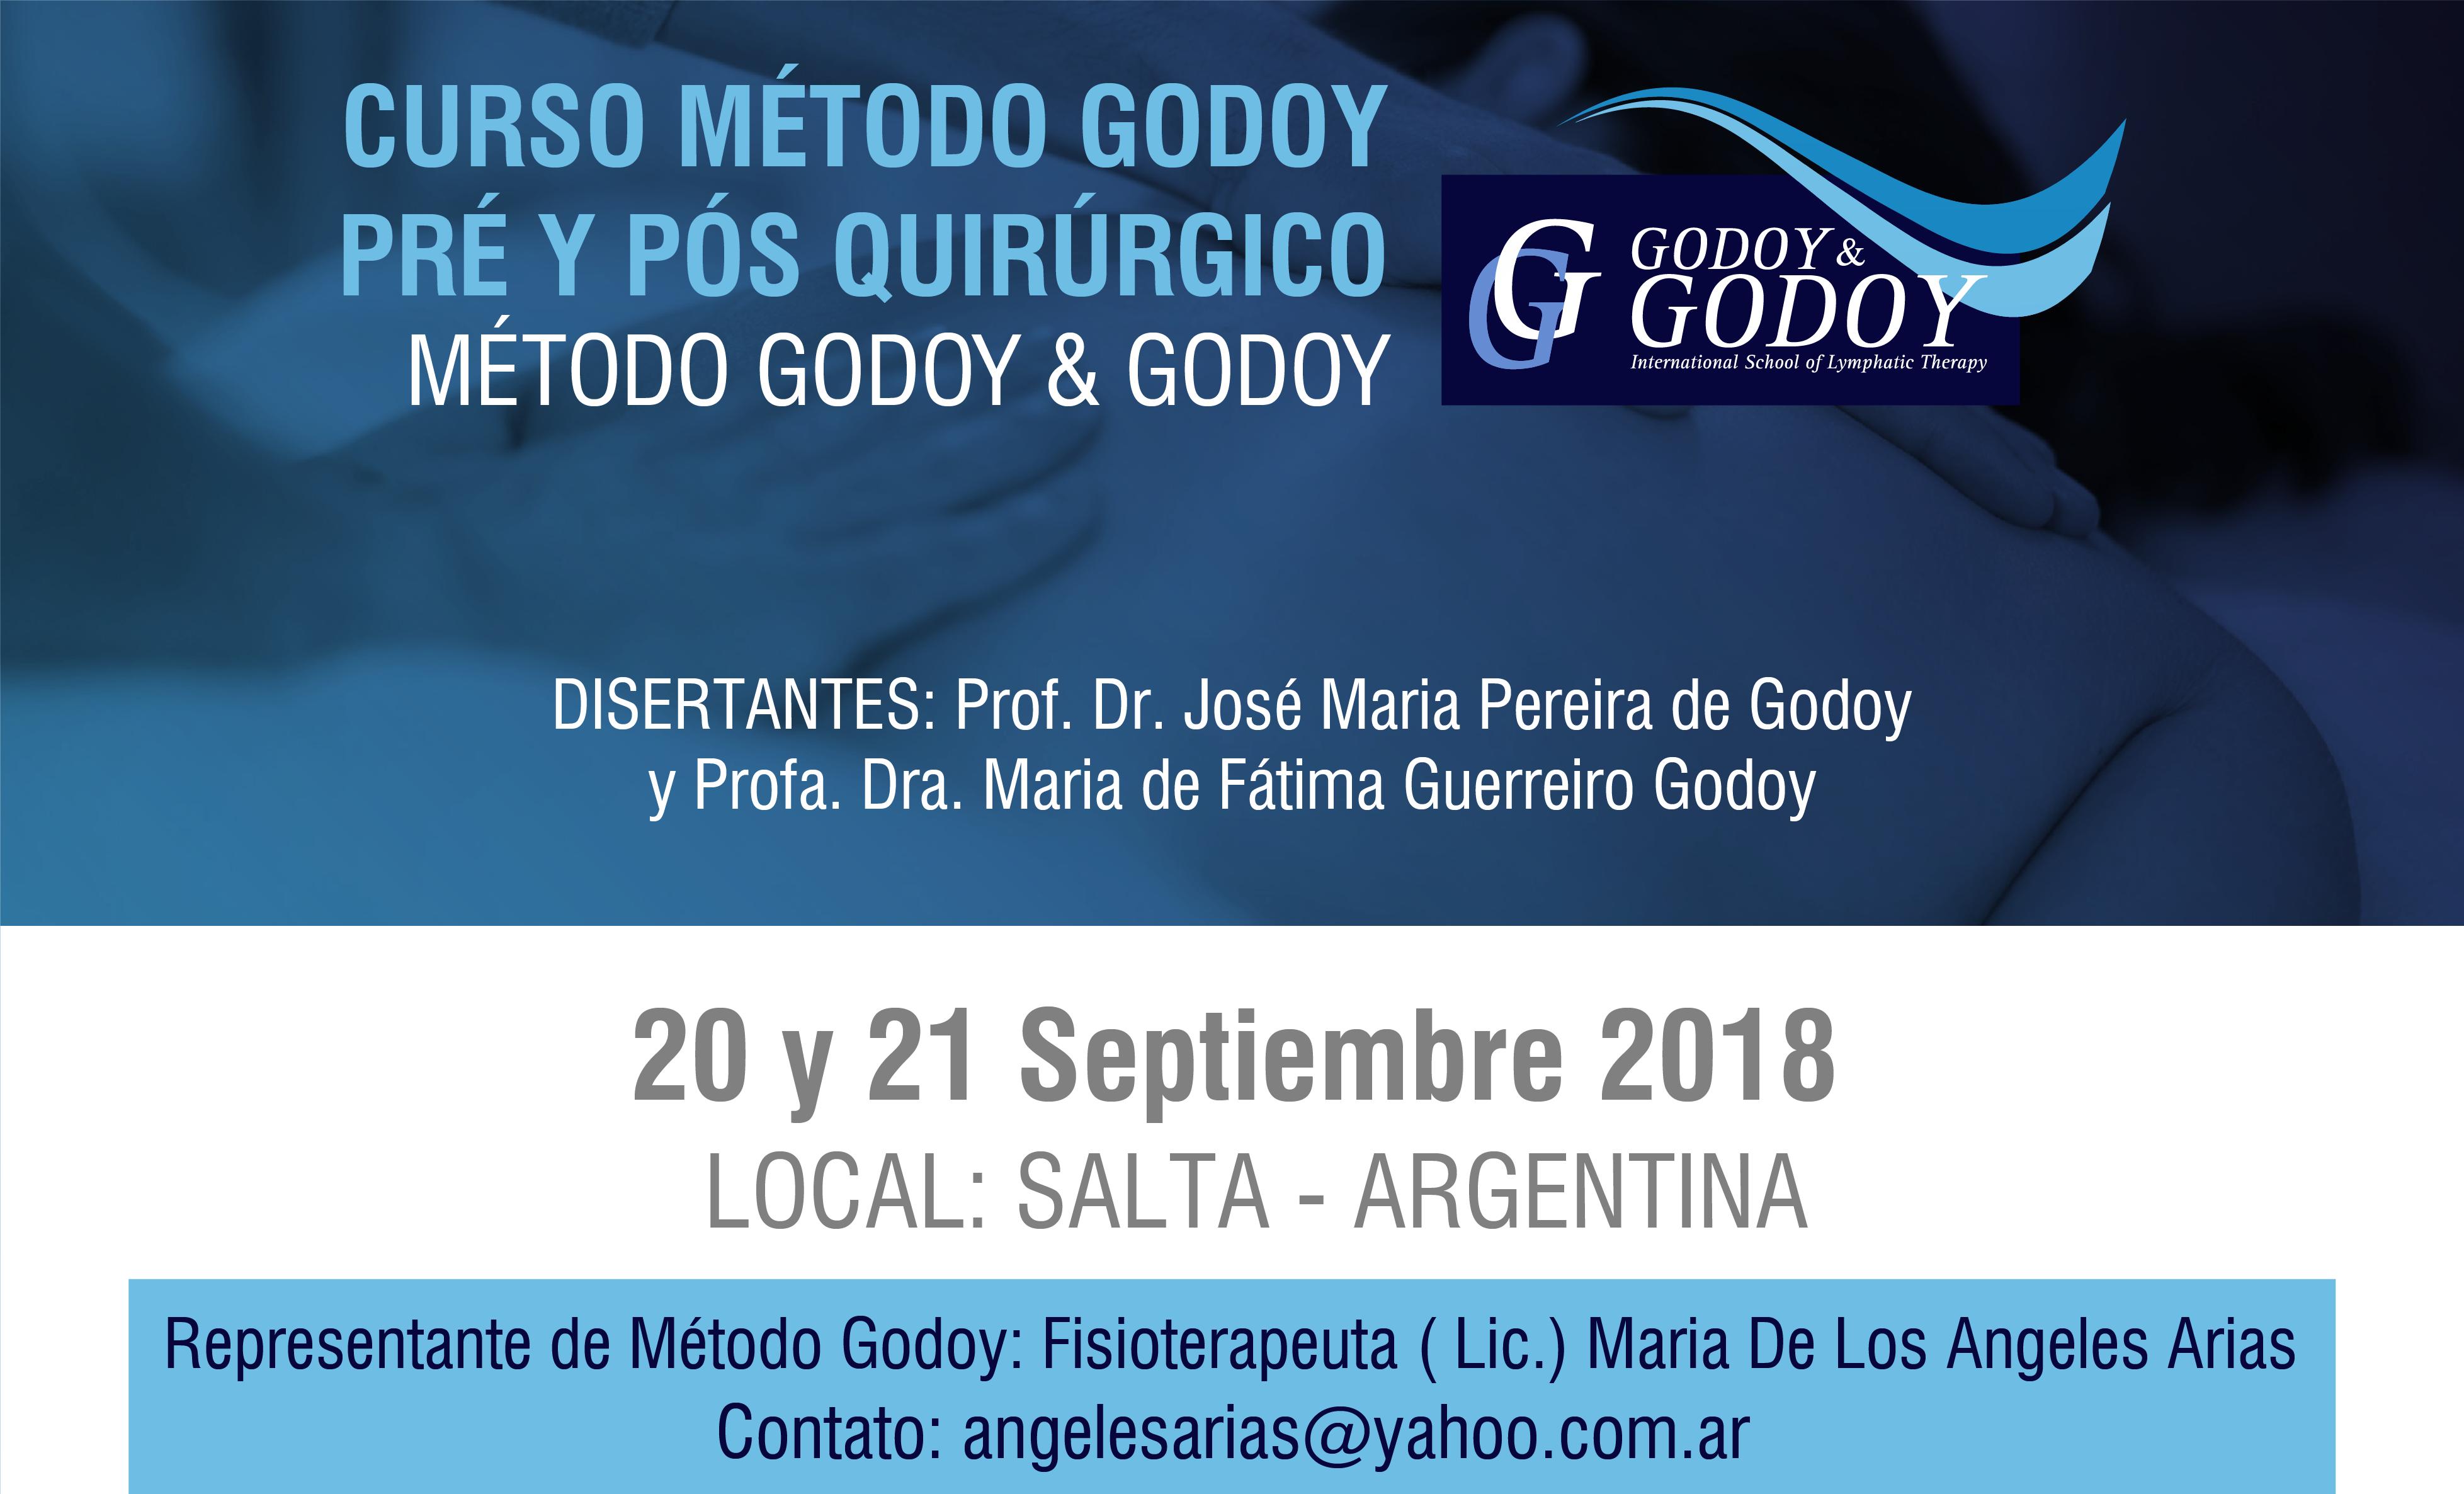 Curso Método Godoy Pré y Pós Quirúrgico